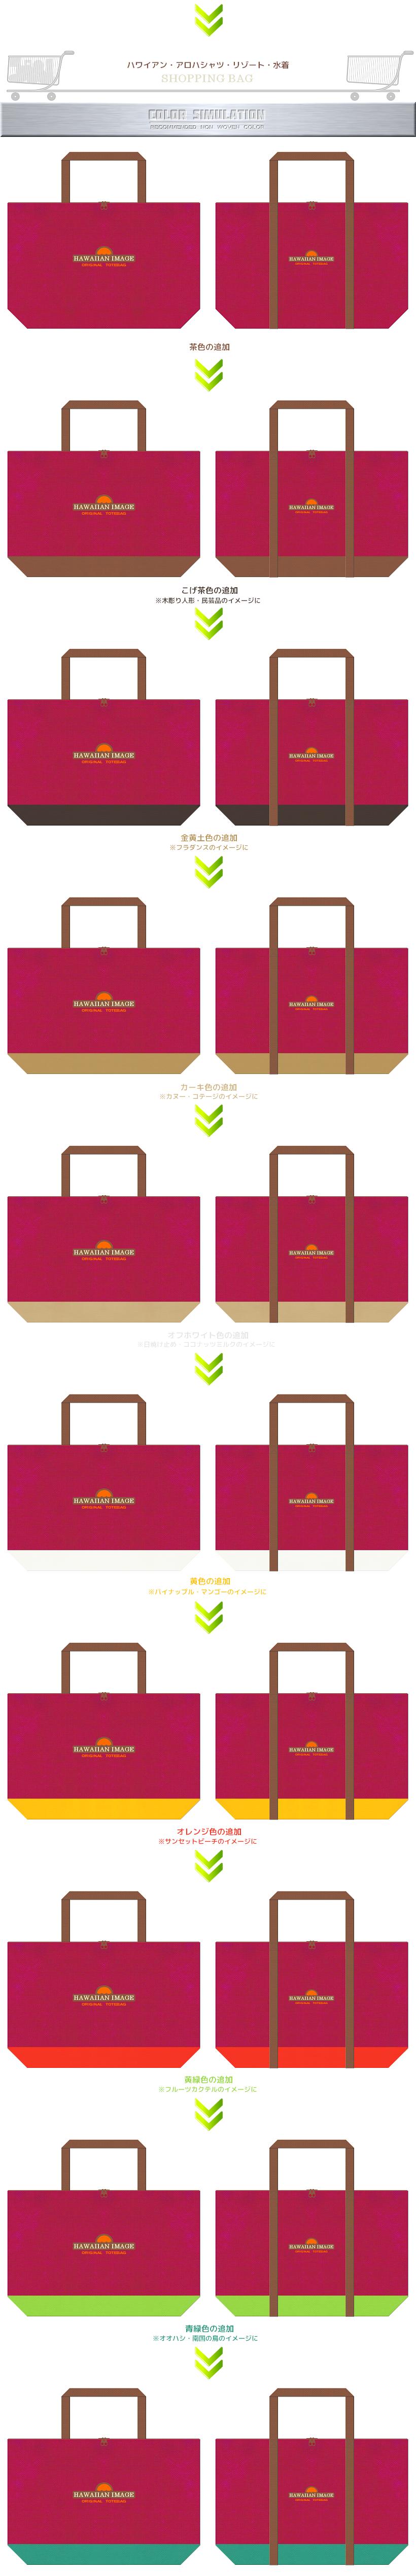 濃いピンク色と茶色メインの不織布バッグのカラーシミュレーション:ハワイアン・アロハシャツ・リゾート・水着のショッピングバッグにお奨めです。